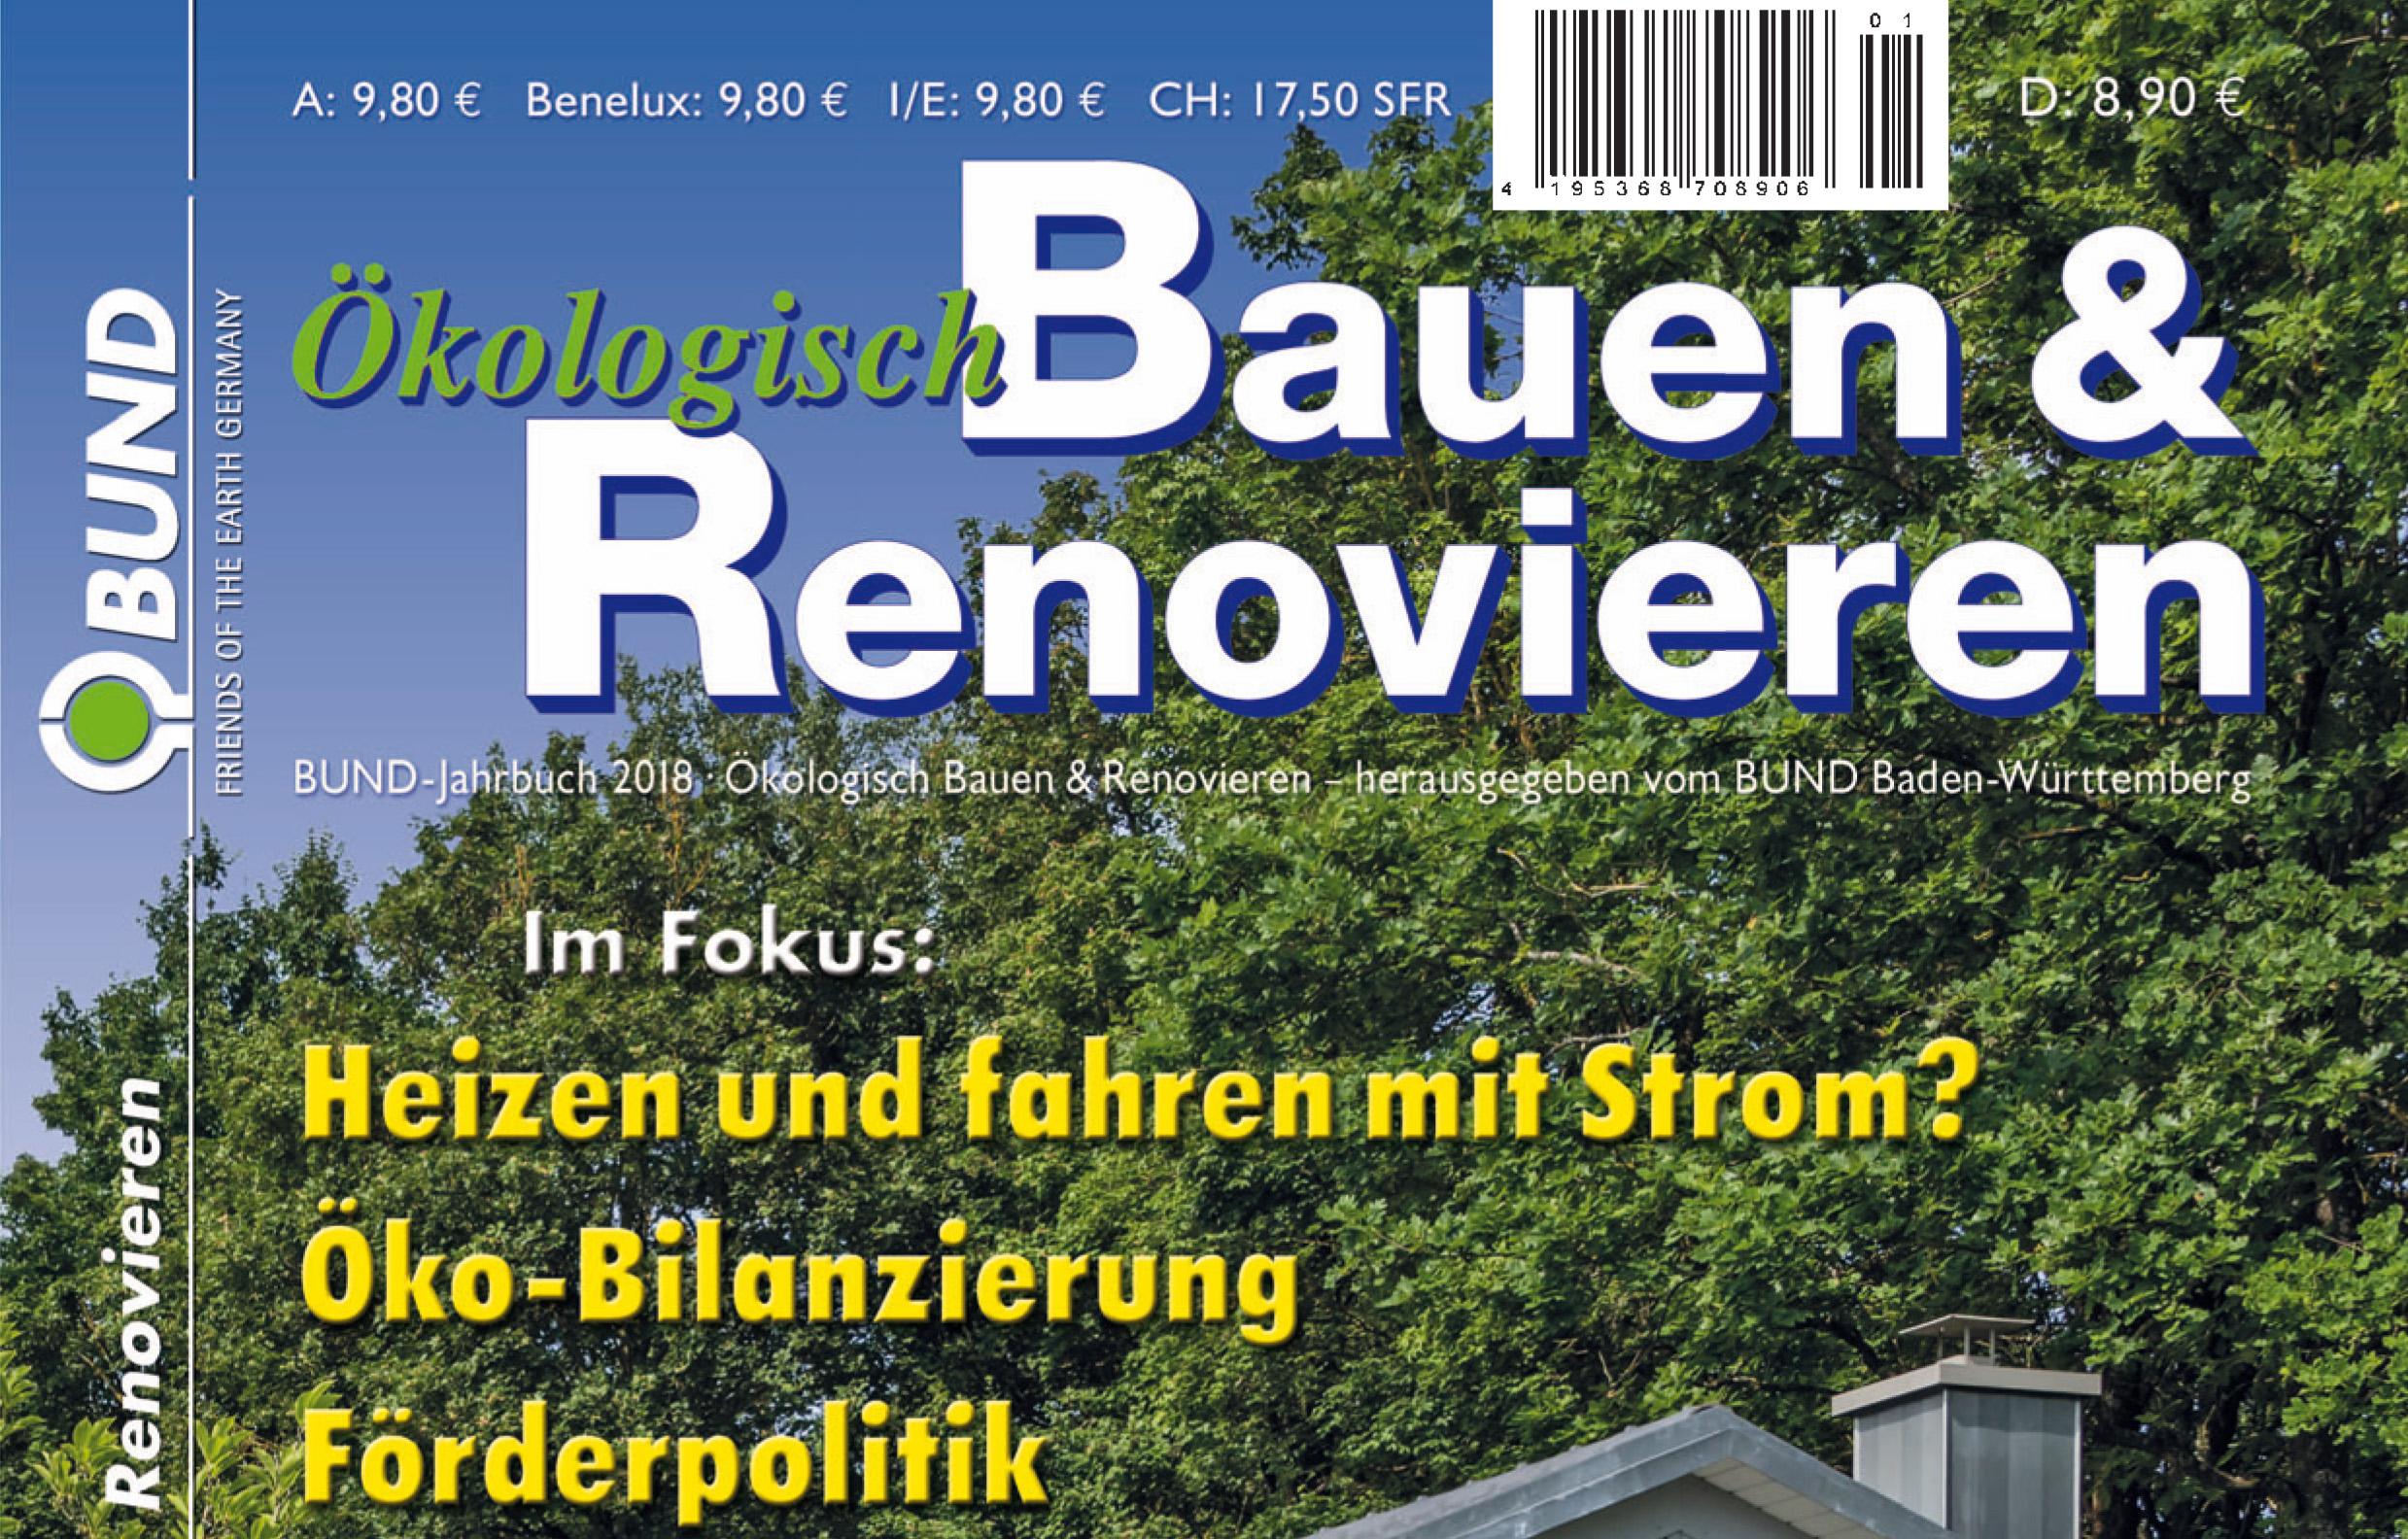 Bund Jahrbuch 2018 Okologisch Bauen Und Renovieren Nachhaltige